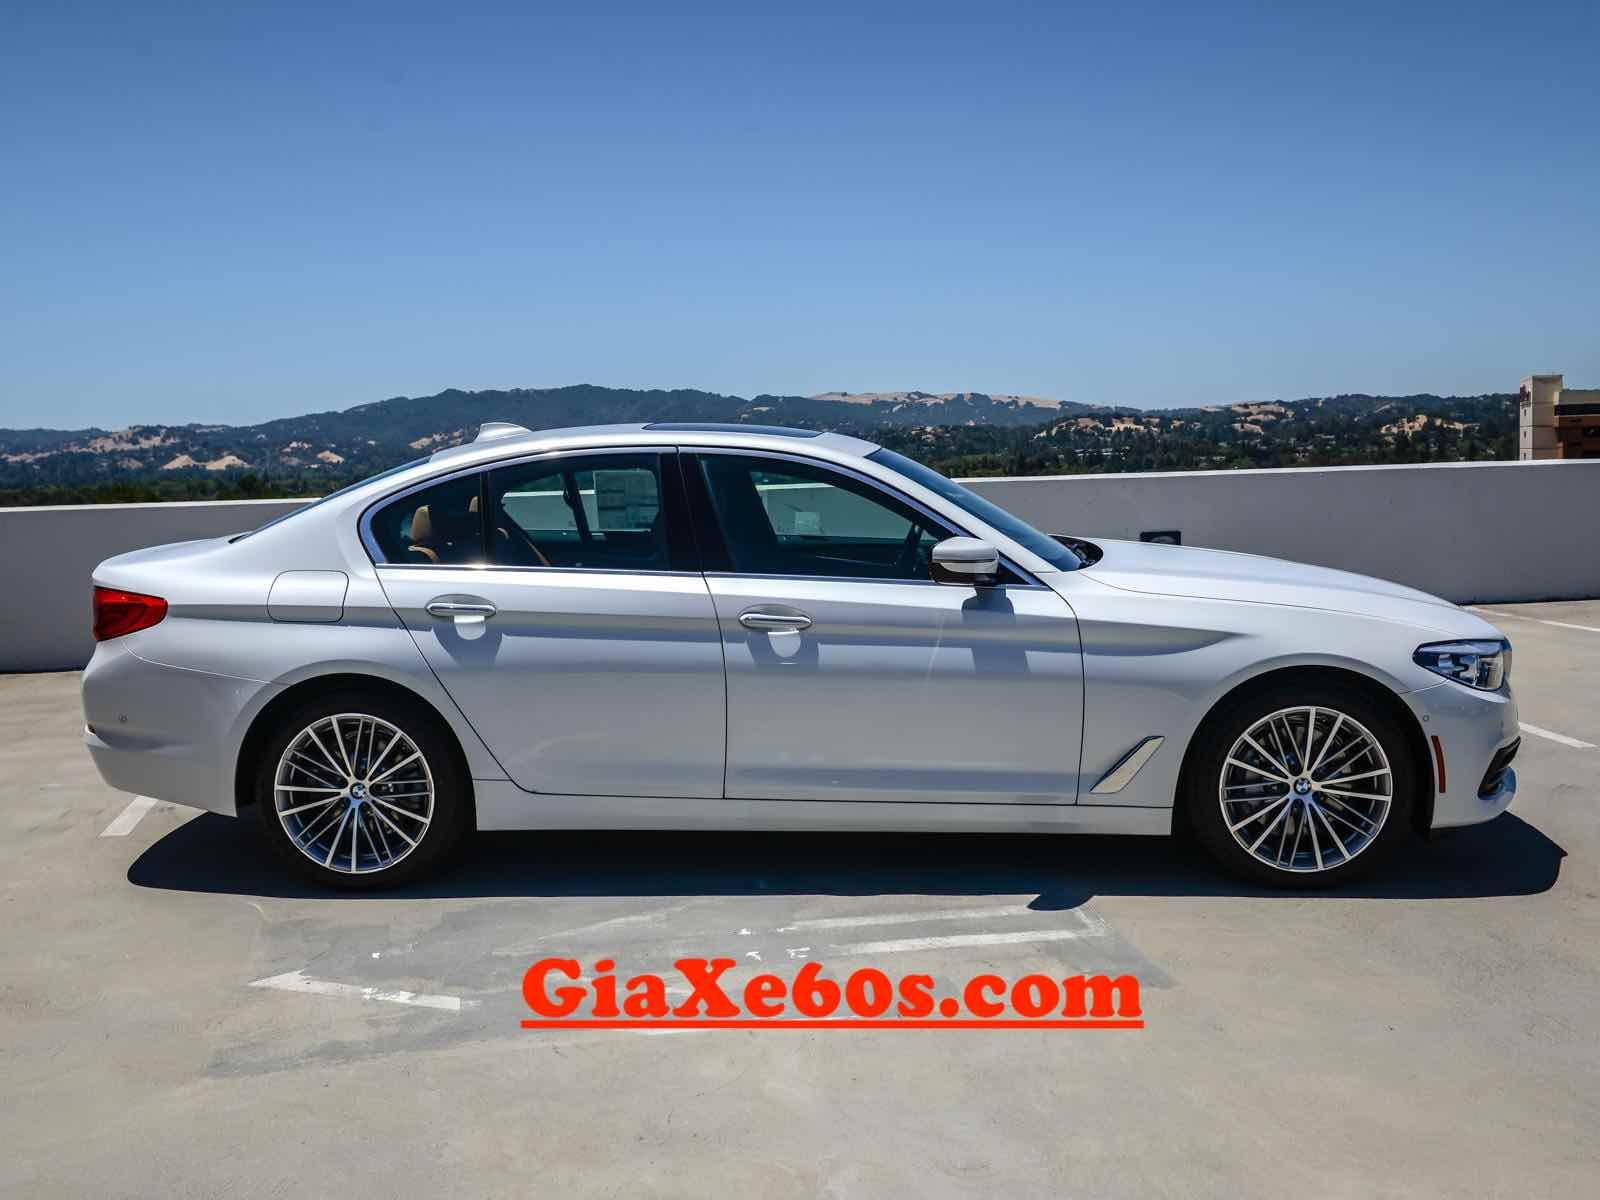 GIÁ XE BMW 5 SERIES 530i ĐỜI MỚI NHẤT MODEL 2018 và doi 2019 TẠI VIỆT NAM